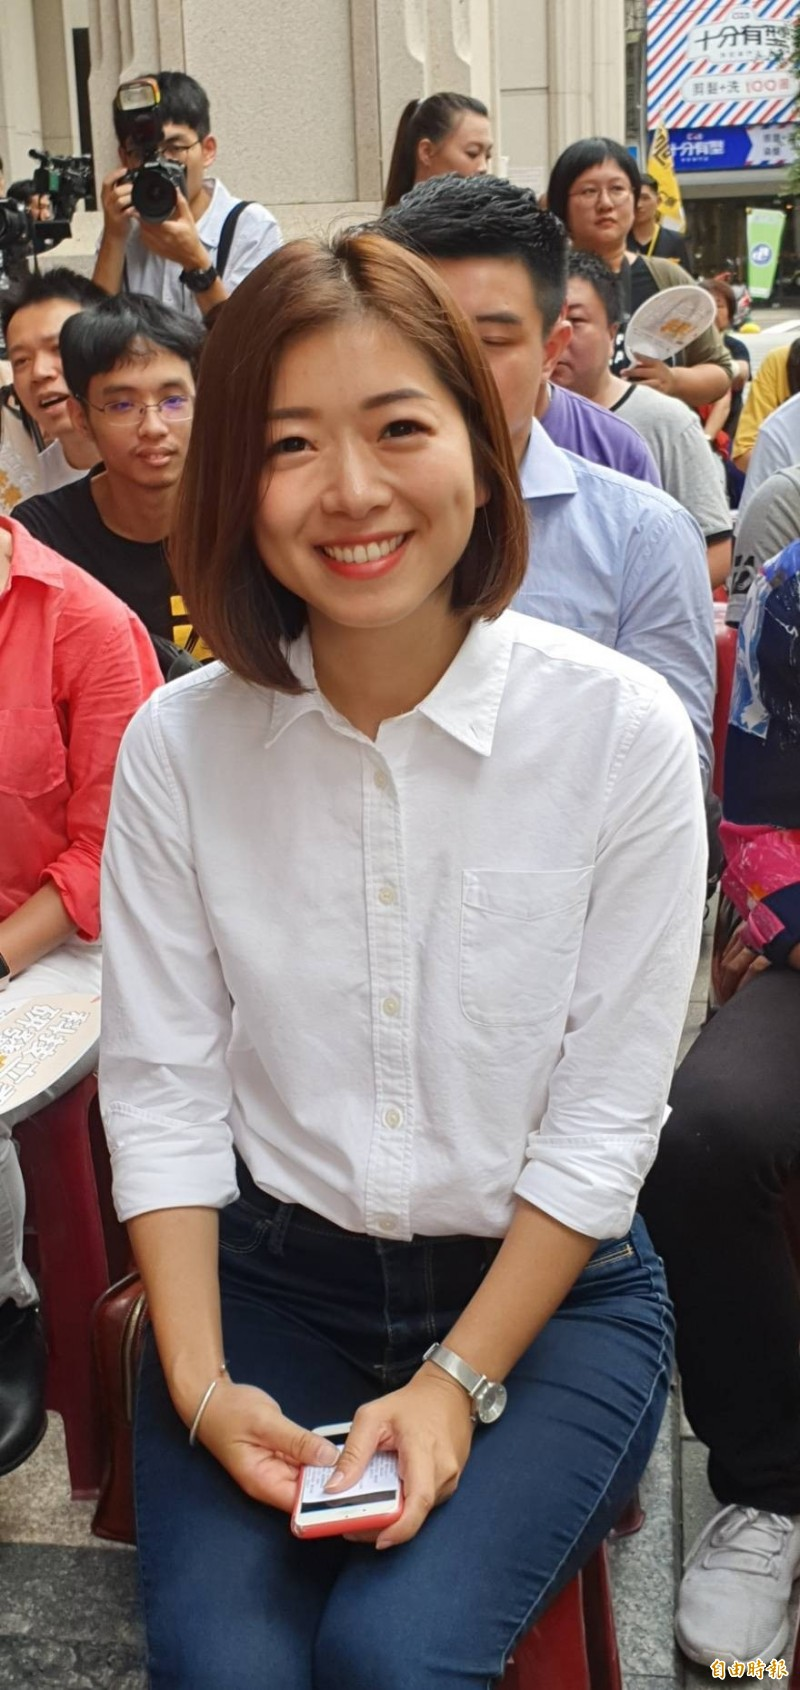 時力竹市立委參選人高鈺婷競選辦公室開幕。(記者蔡彰盛攝)